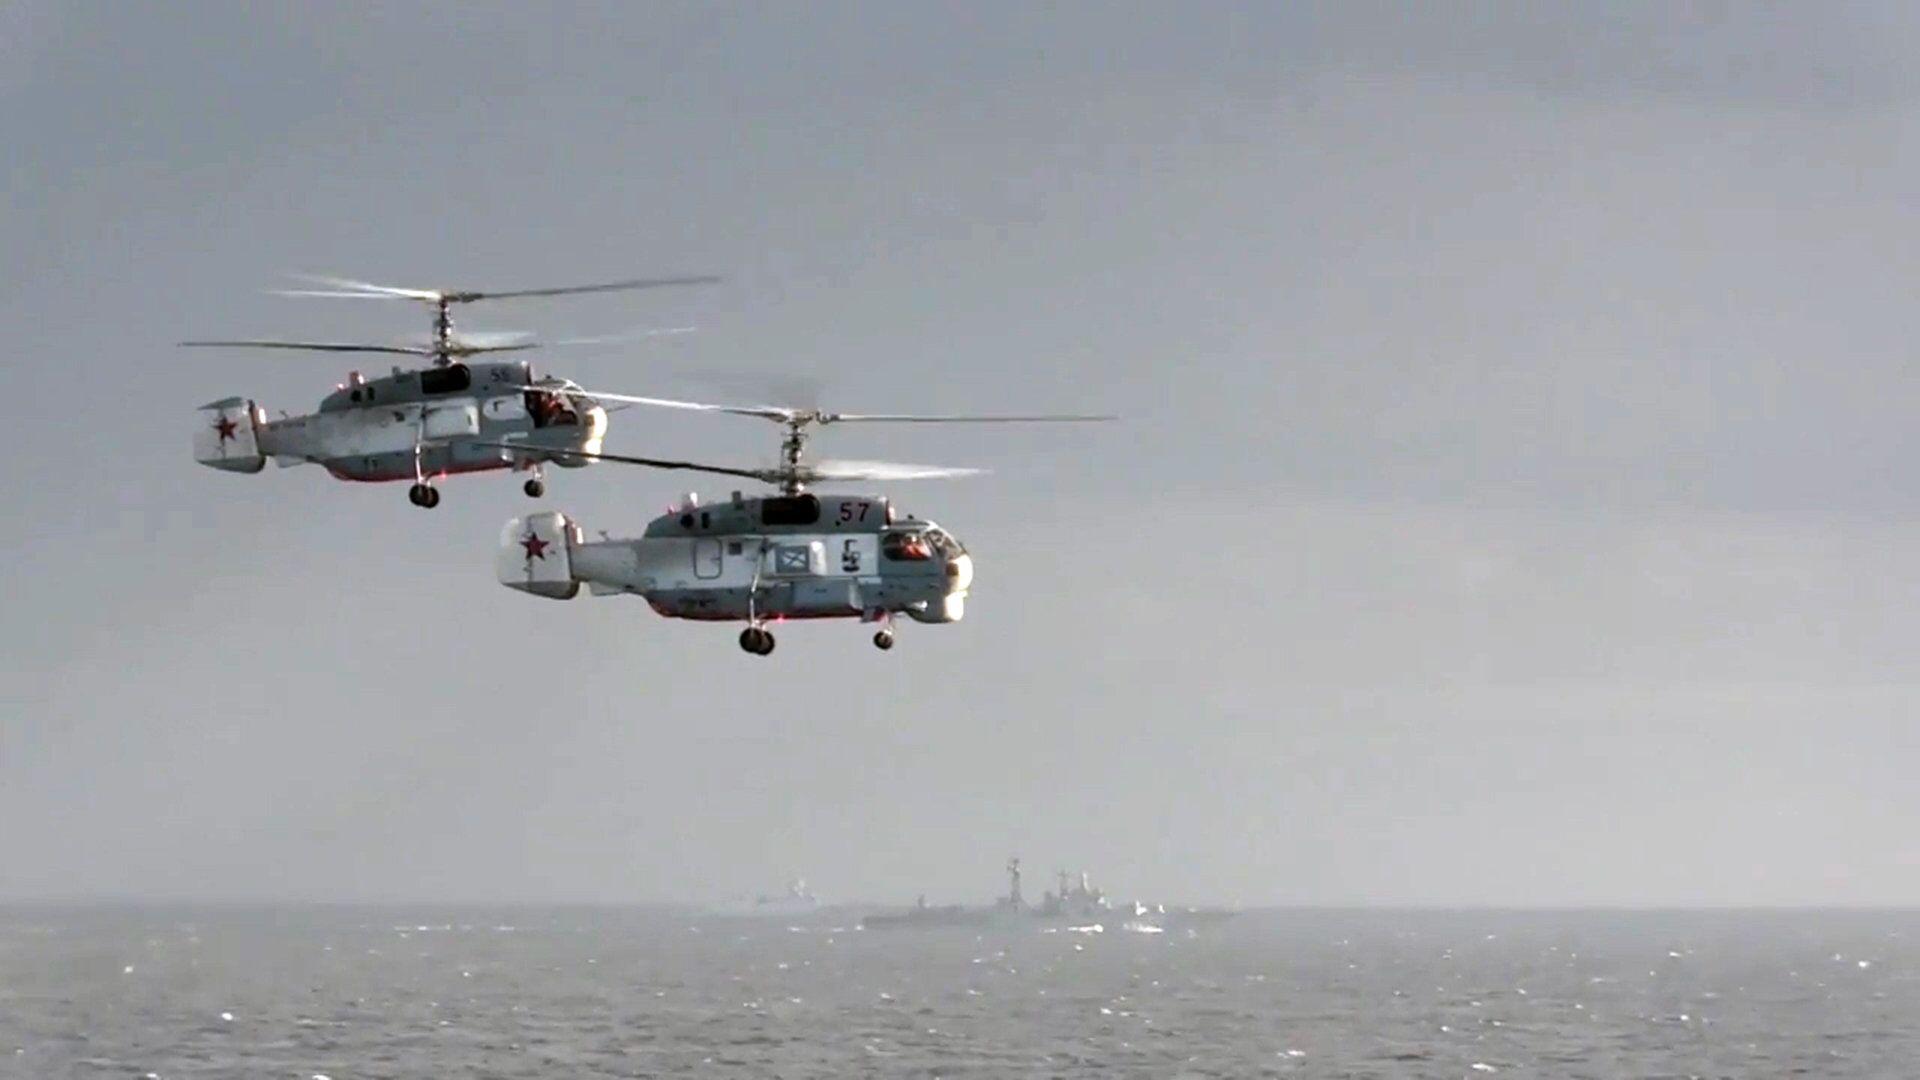 Вертолеты Ка-27ПС рядом с тяжёлым авианесущим крейсером (ТАВКР) Адмирал Кузнецов - РИА Новости, 1920, 01.10.2020